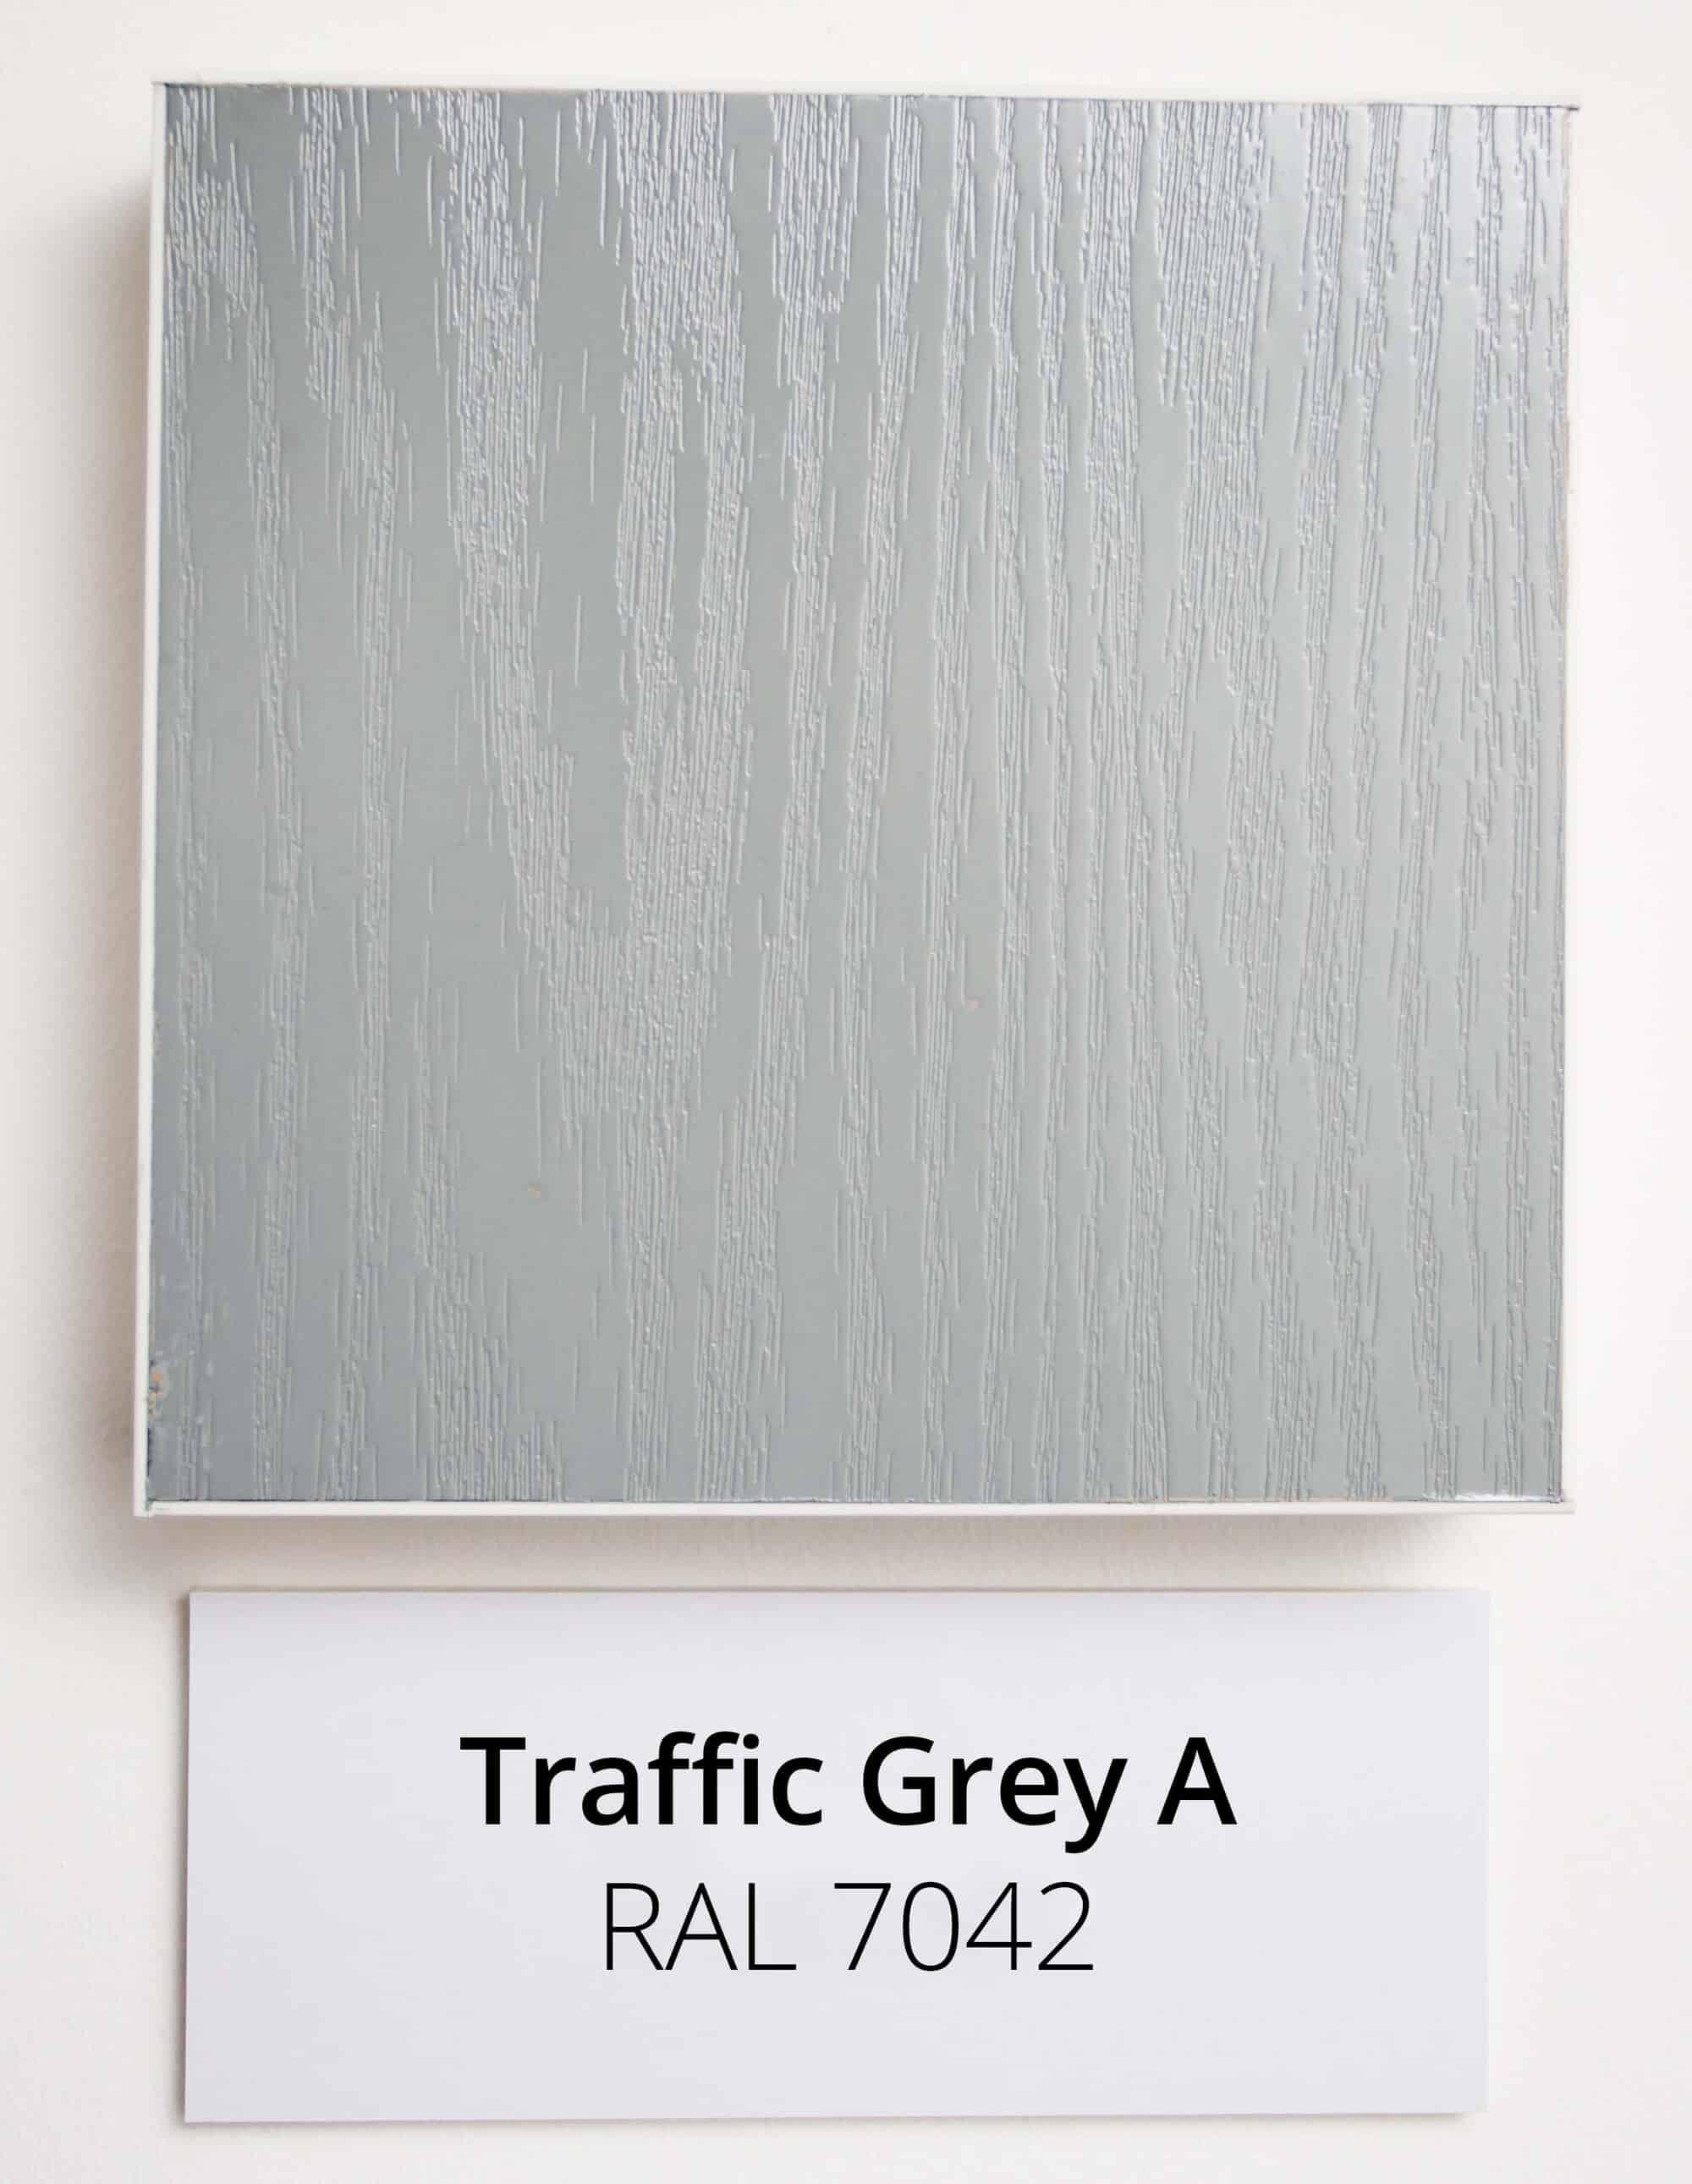 Traffic-Grey-A-RAL-7042